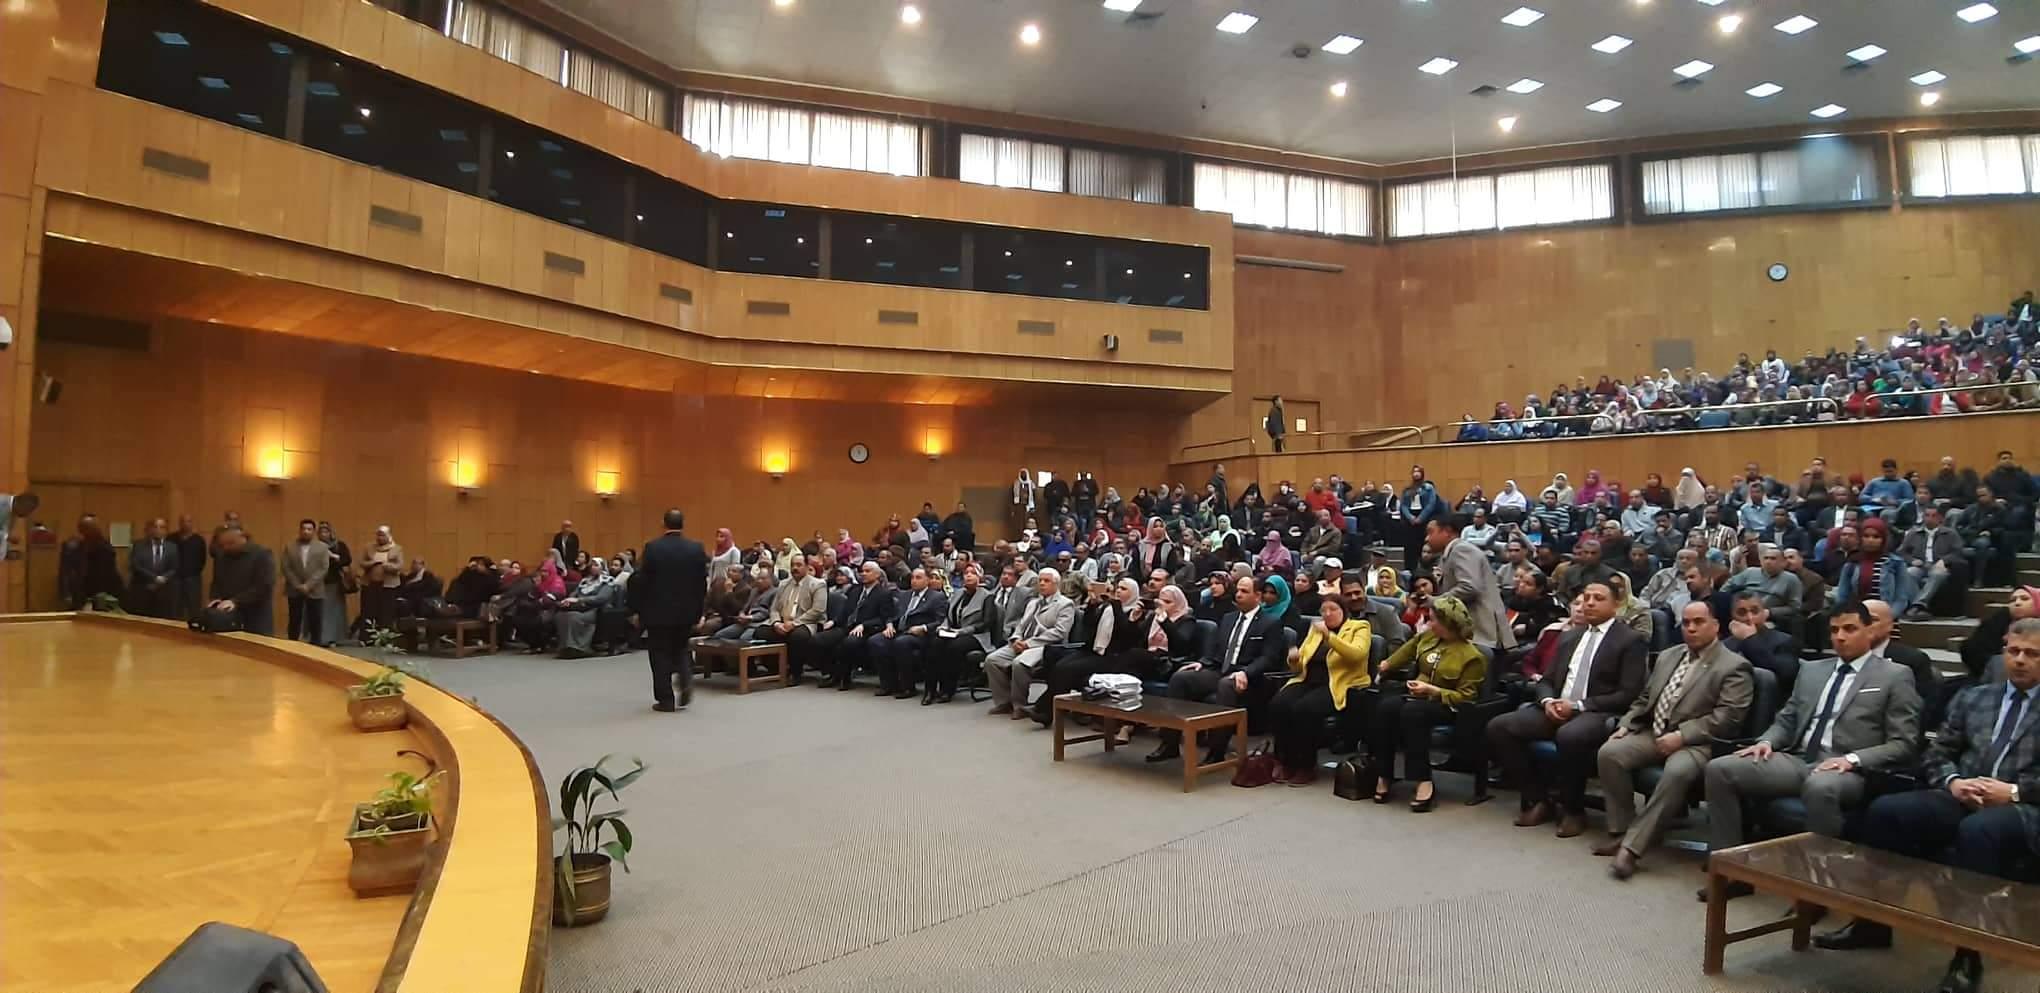 ندوة دور الدولة فى حماية المستهلك بجامعة أسيوط (3)